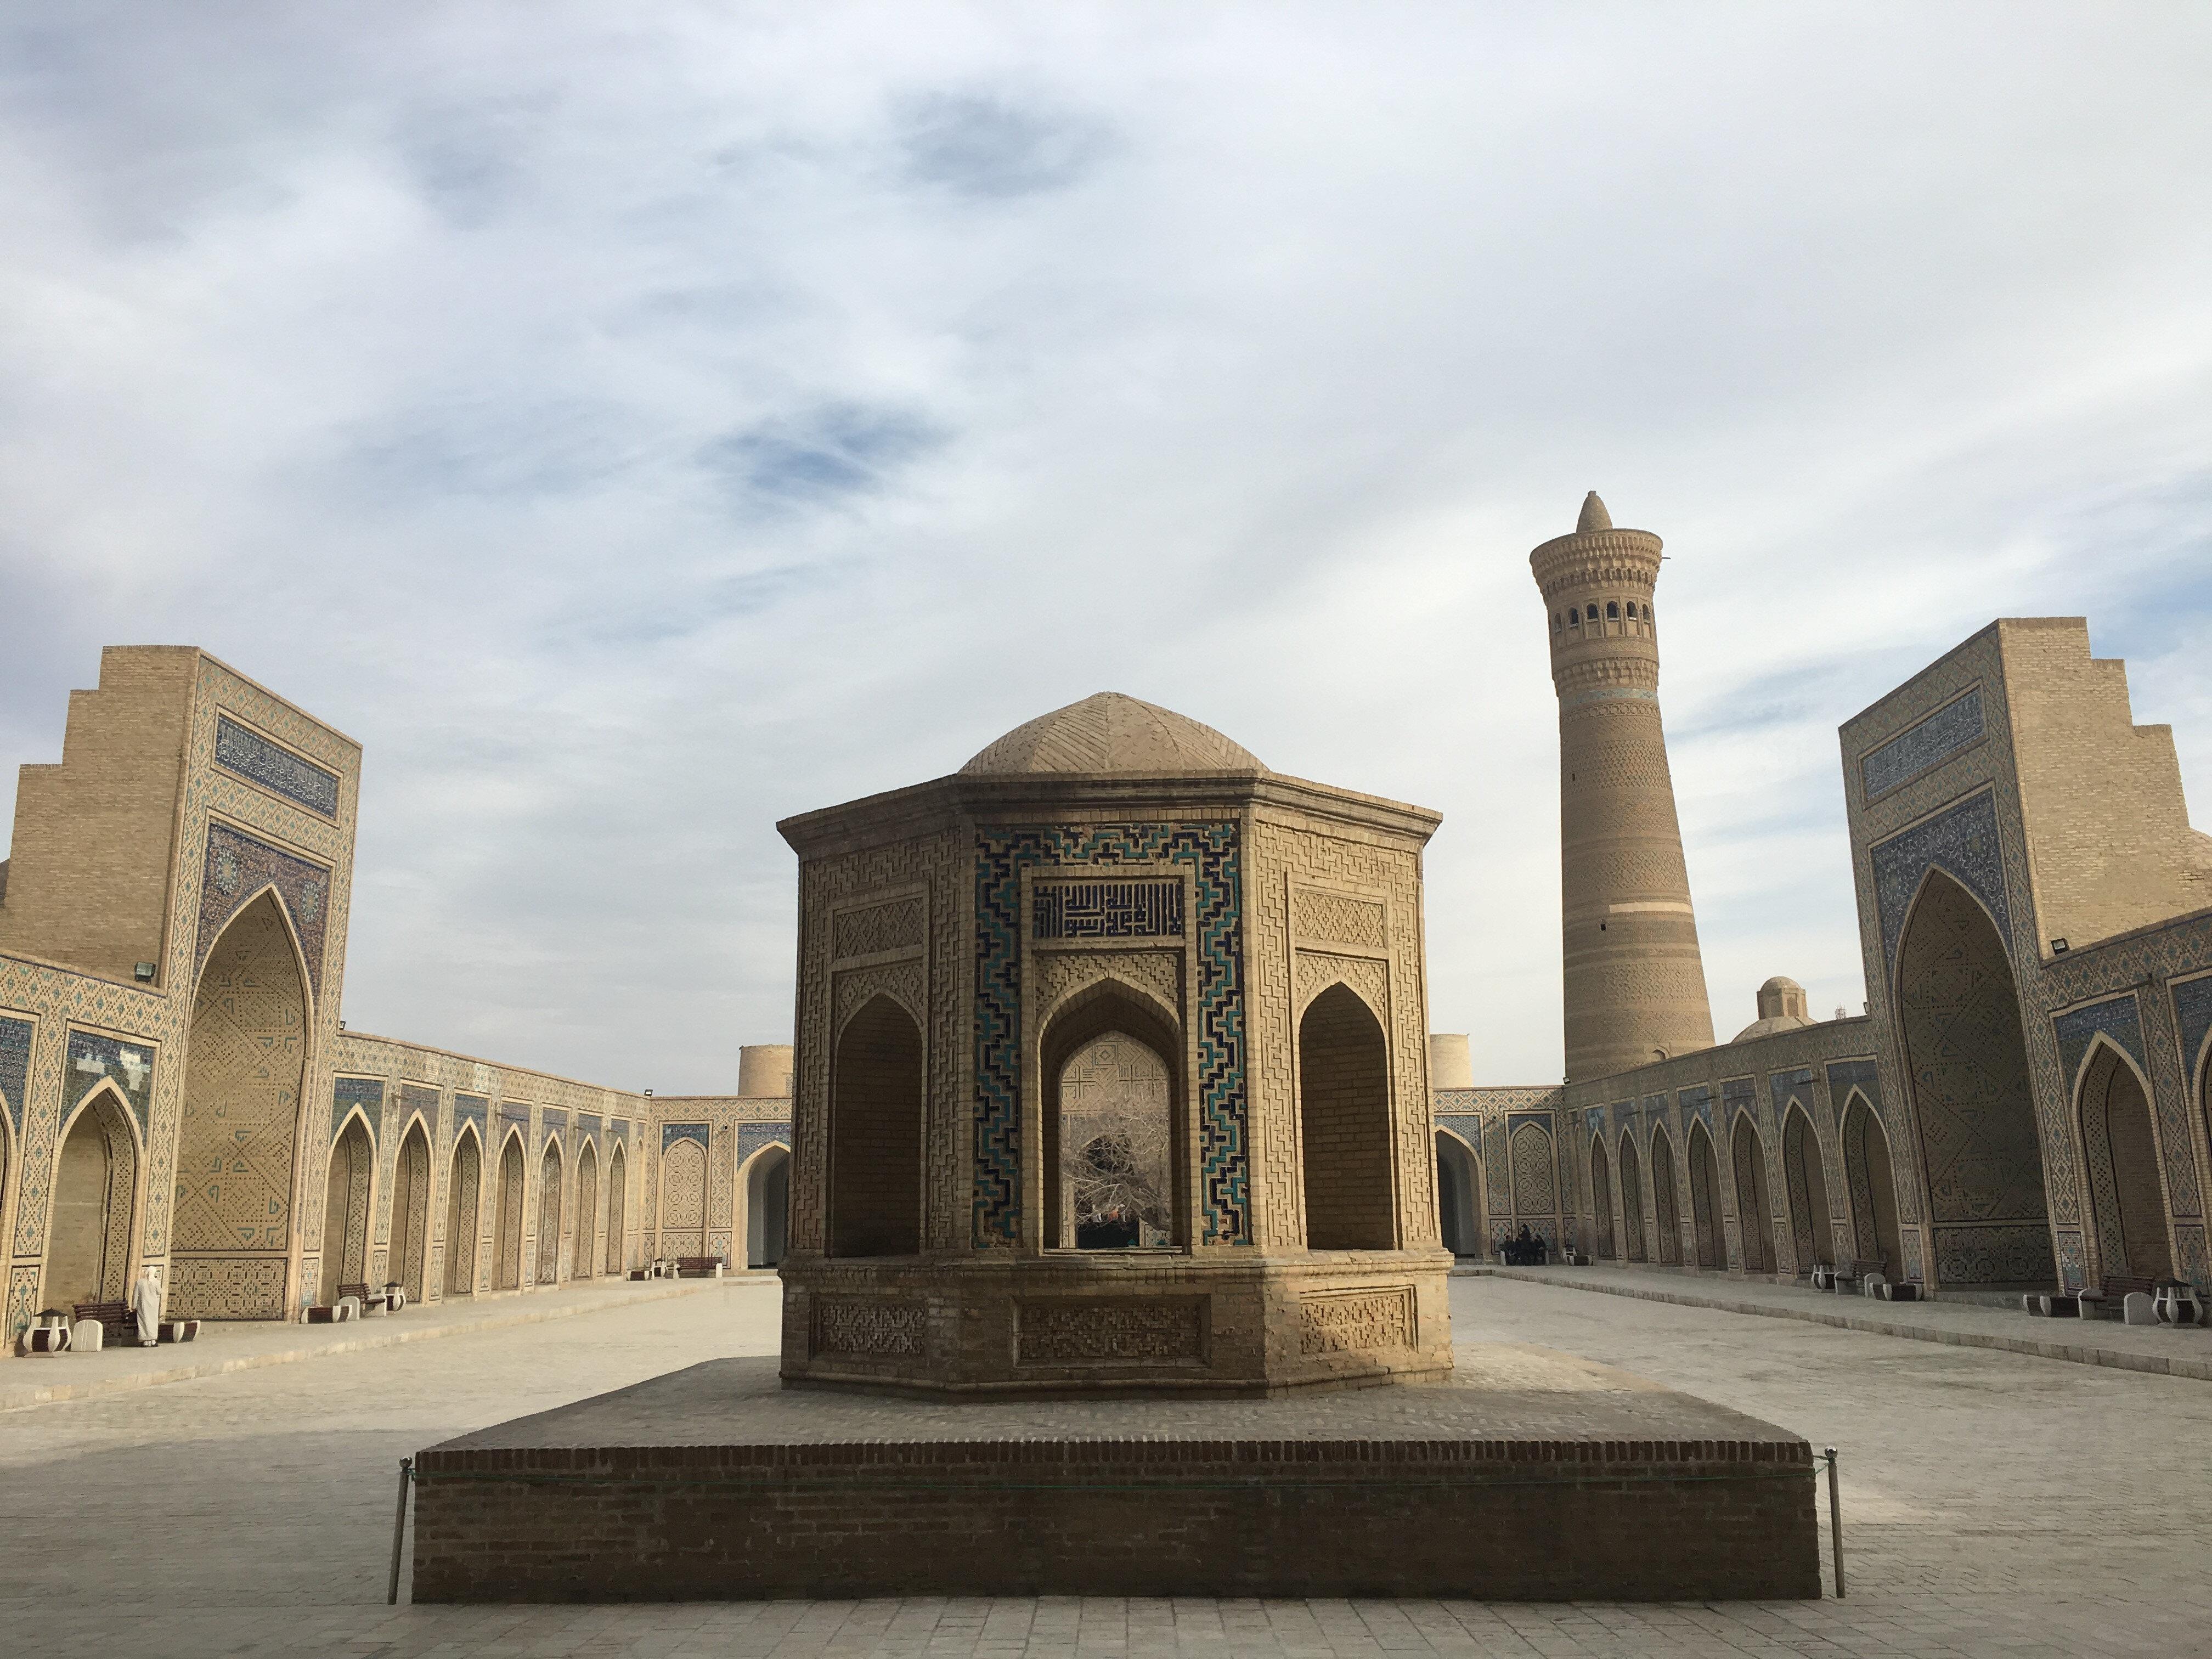 İmam Buharî'nin ders okuttuğu Kalan Camii'nin iç avlusundan bir görünüm.